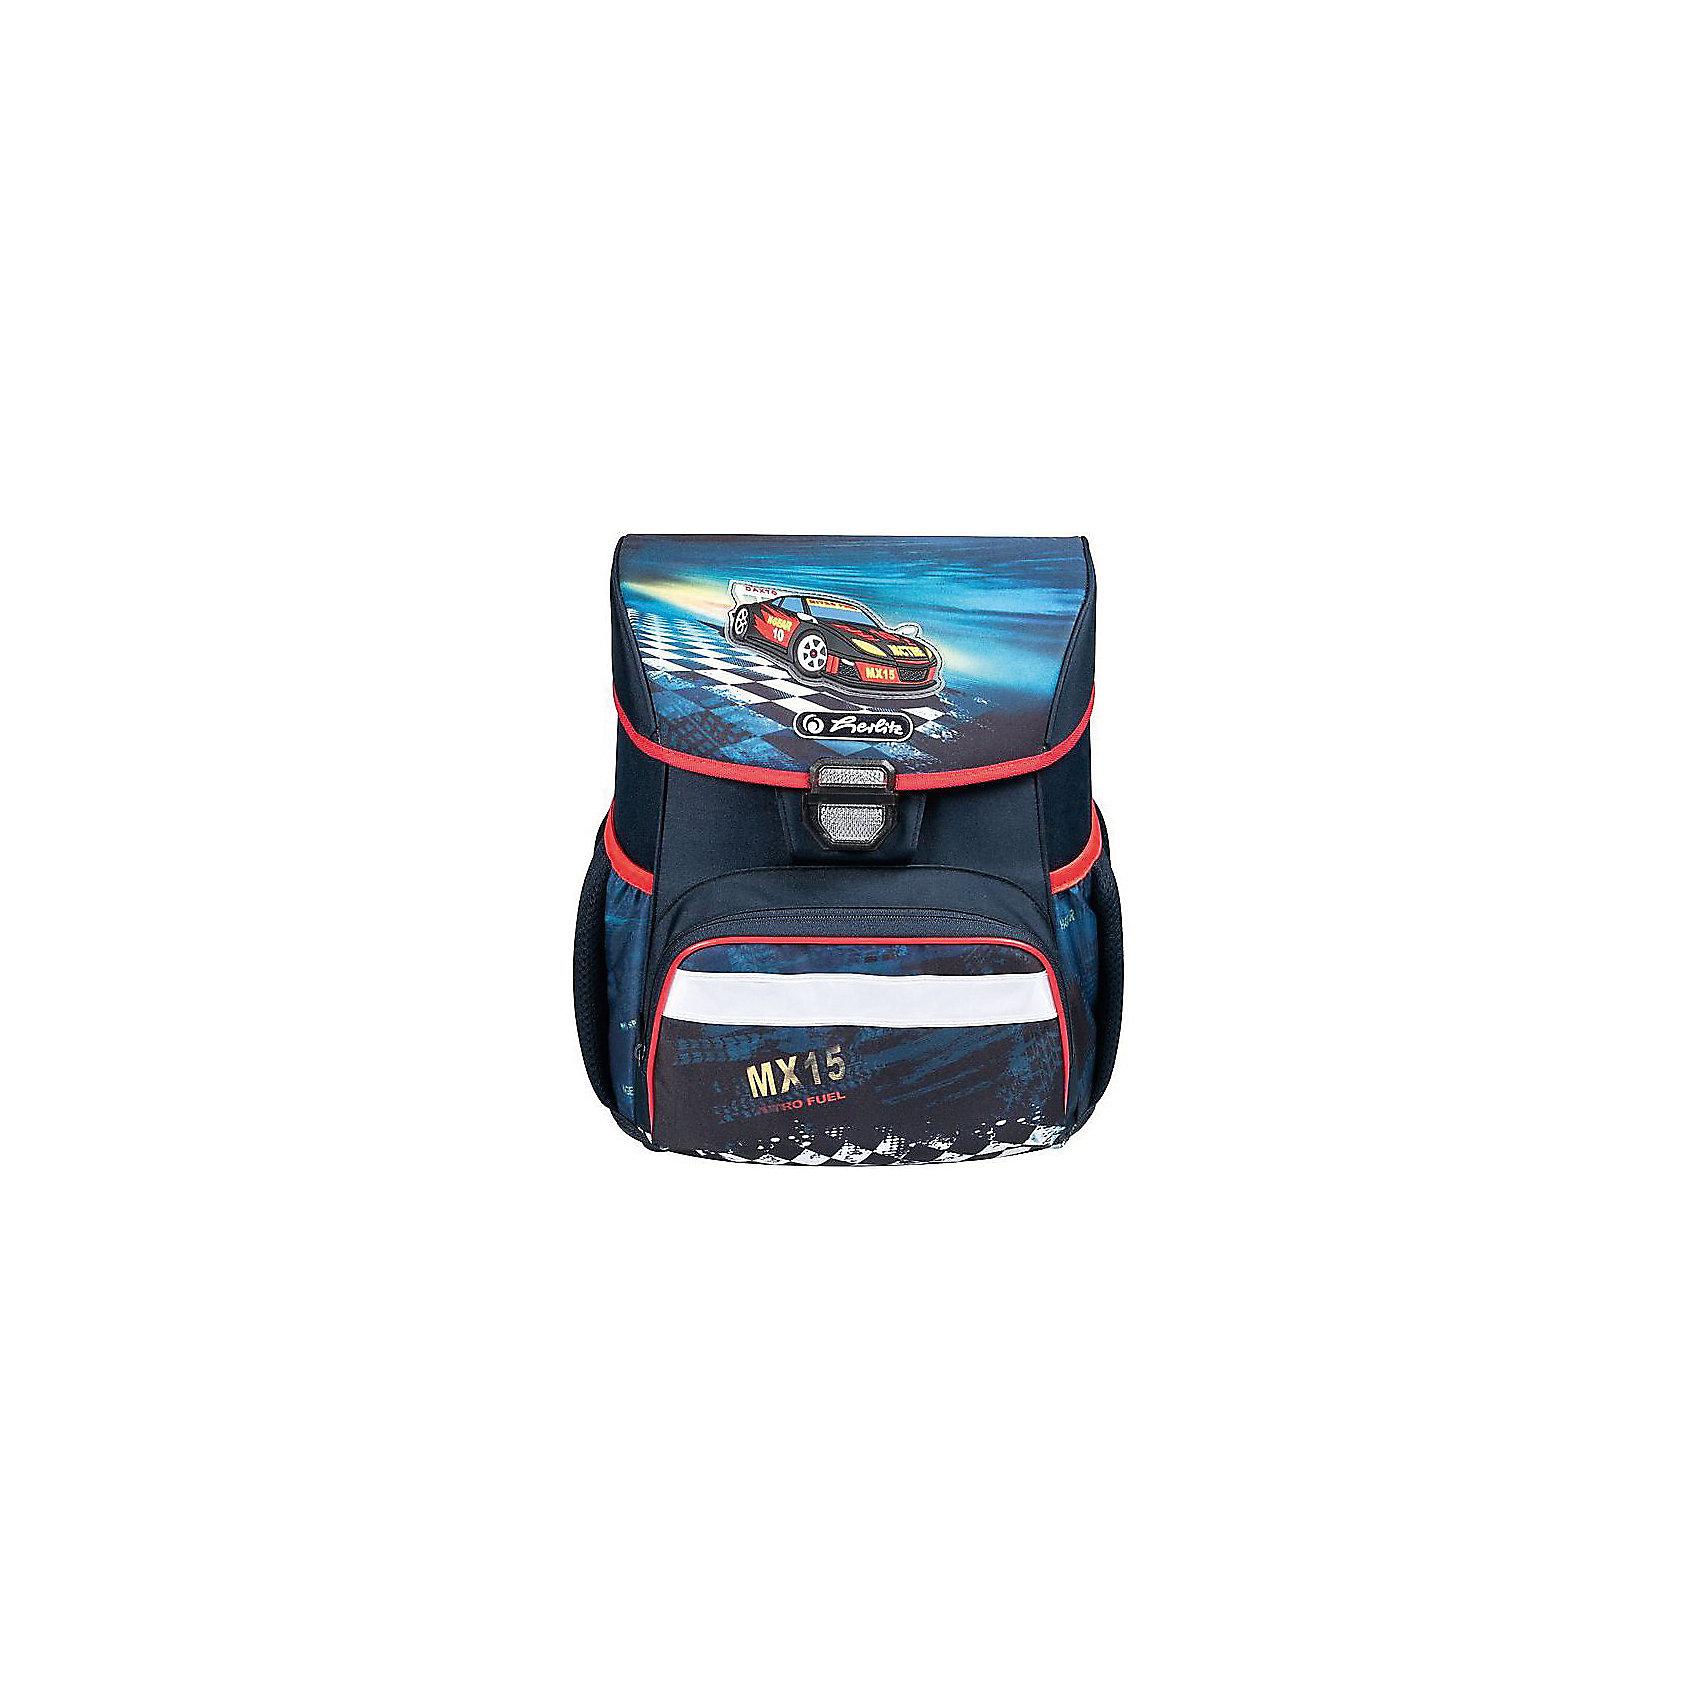 Ранец Herlitz LOOP Super Racer, без наполненияРанцы<br>Ранец LOOP Super Racer без наполнения<br>Описание:<br>размер 37х31х24см <br>-полиэстер<br>- замок-защелка легко открывается и закрывается благодаря специальному клапану,<br>- 2 внутренних отделения<br>- расписание уроков под крышкой ранца<br>- передний наружный карман на  «молнии»<br>- водоотталкивающая ткань<br>- светоотражатели 3M на переднем кармане, боковых карманах и лямках<br>- прочное пластиковое  дно защищающие от загрязнения<br>- 2 боковых  кармана на резиночке<br>- эргономичная спинка и уплотненные регулируемые лямки из вентилируемого материала.<br>вес 850  гр                                                                                                 вмещает А4                                                                                                  лямки настраиваются  под  рост  ребенка<br><br>Ширина мм: 310<br>Глубина мм: 370<br>Высота мм: 240<br>Вес г: 890<br>Возраст от месяцев: 72<br>Возраст до месяцев: 120<br>Пол: Мужской<br>Возраст: Детский<br>SKU: 5595063